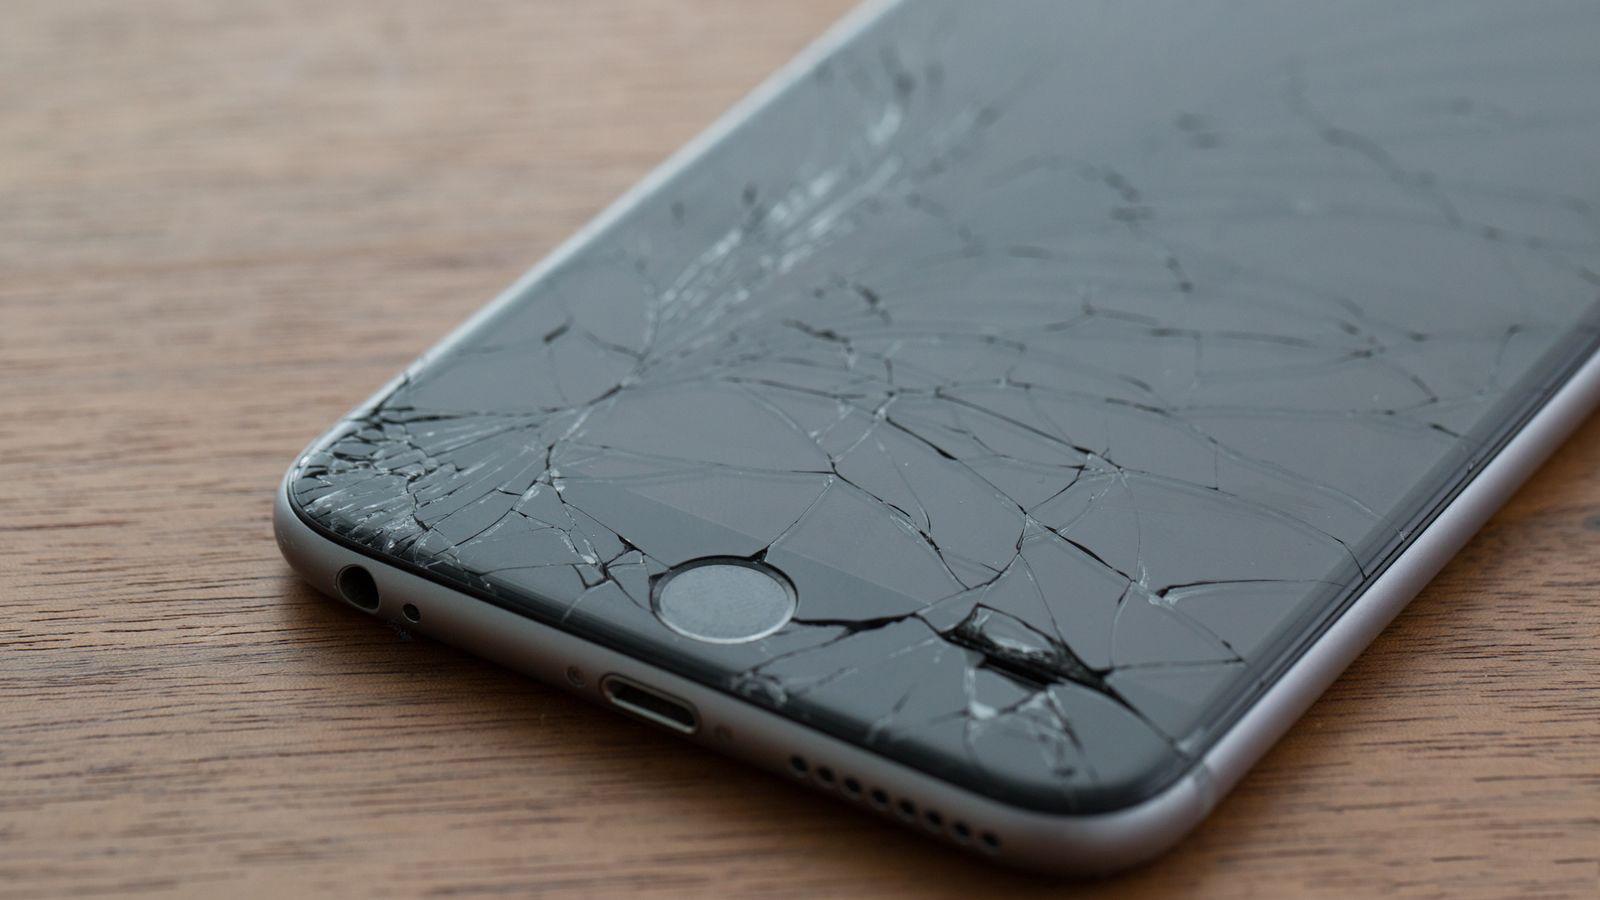 замена экрана iphone самостоятельно